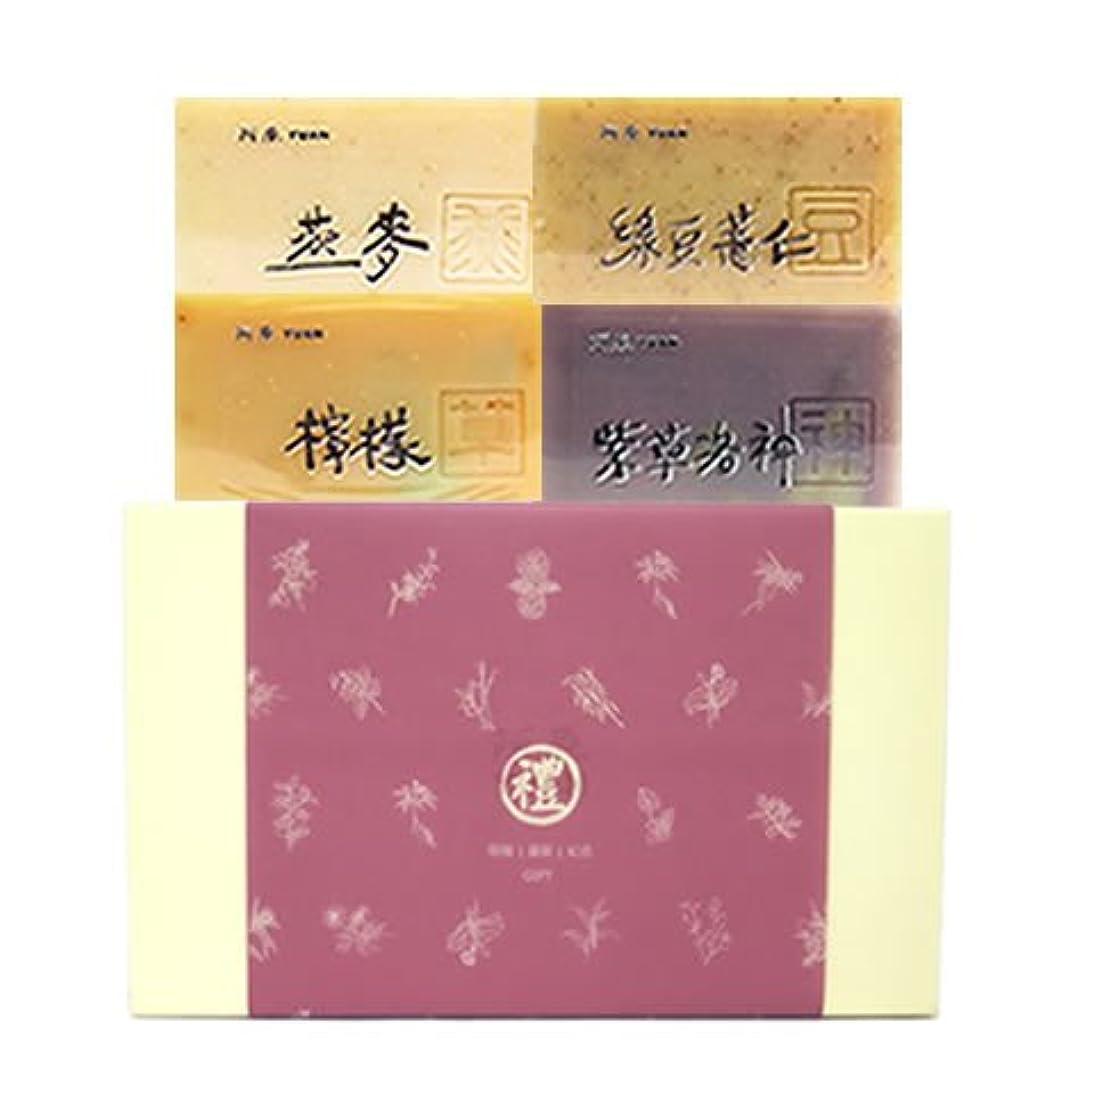 頻繁にヤング五ユアン(YUAN) 美人ギフトセット ハトムギ、ハイビスカス、オートミール、レモンソープ(各100g)(阿原 石けん 台湾コスメ)